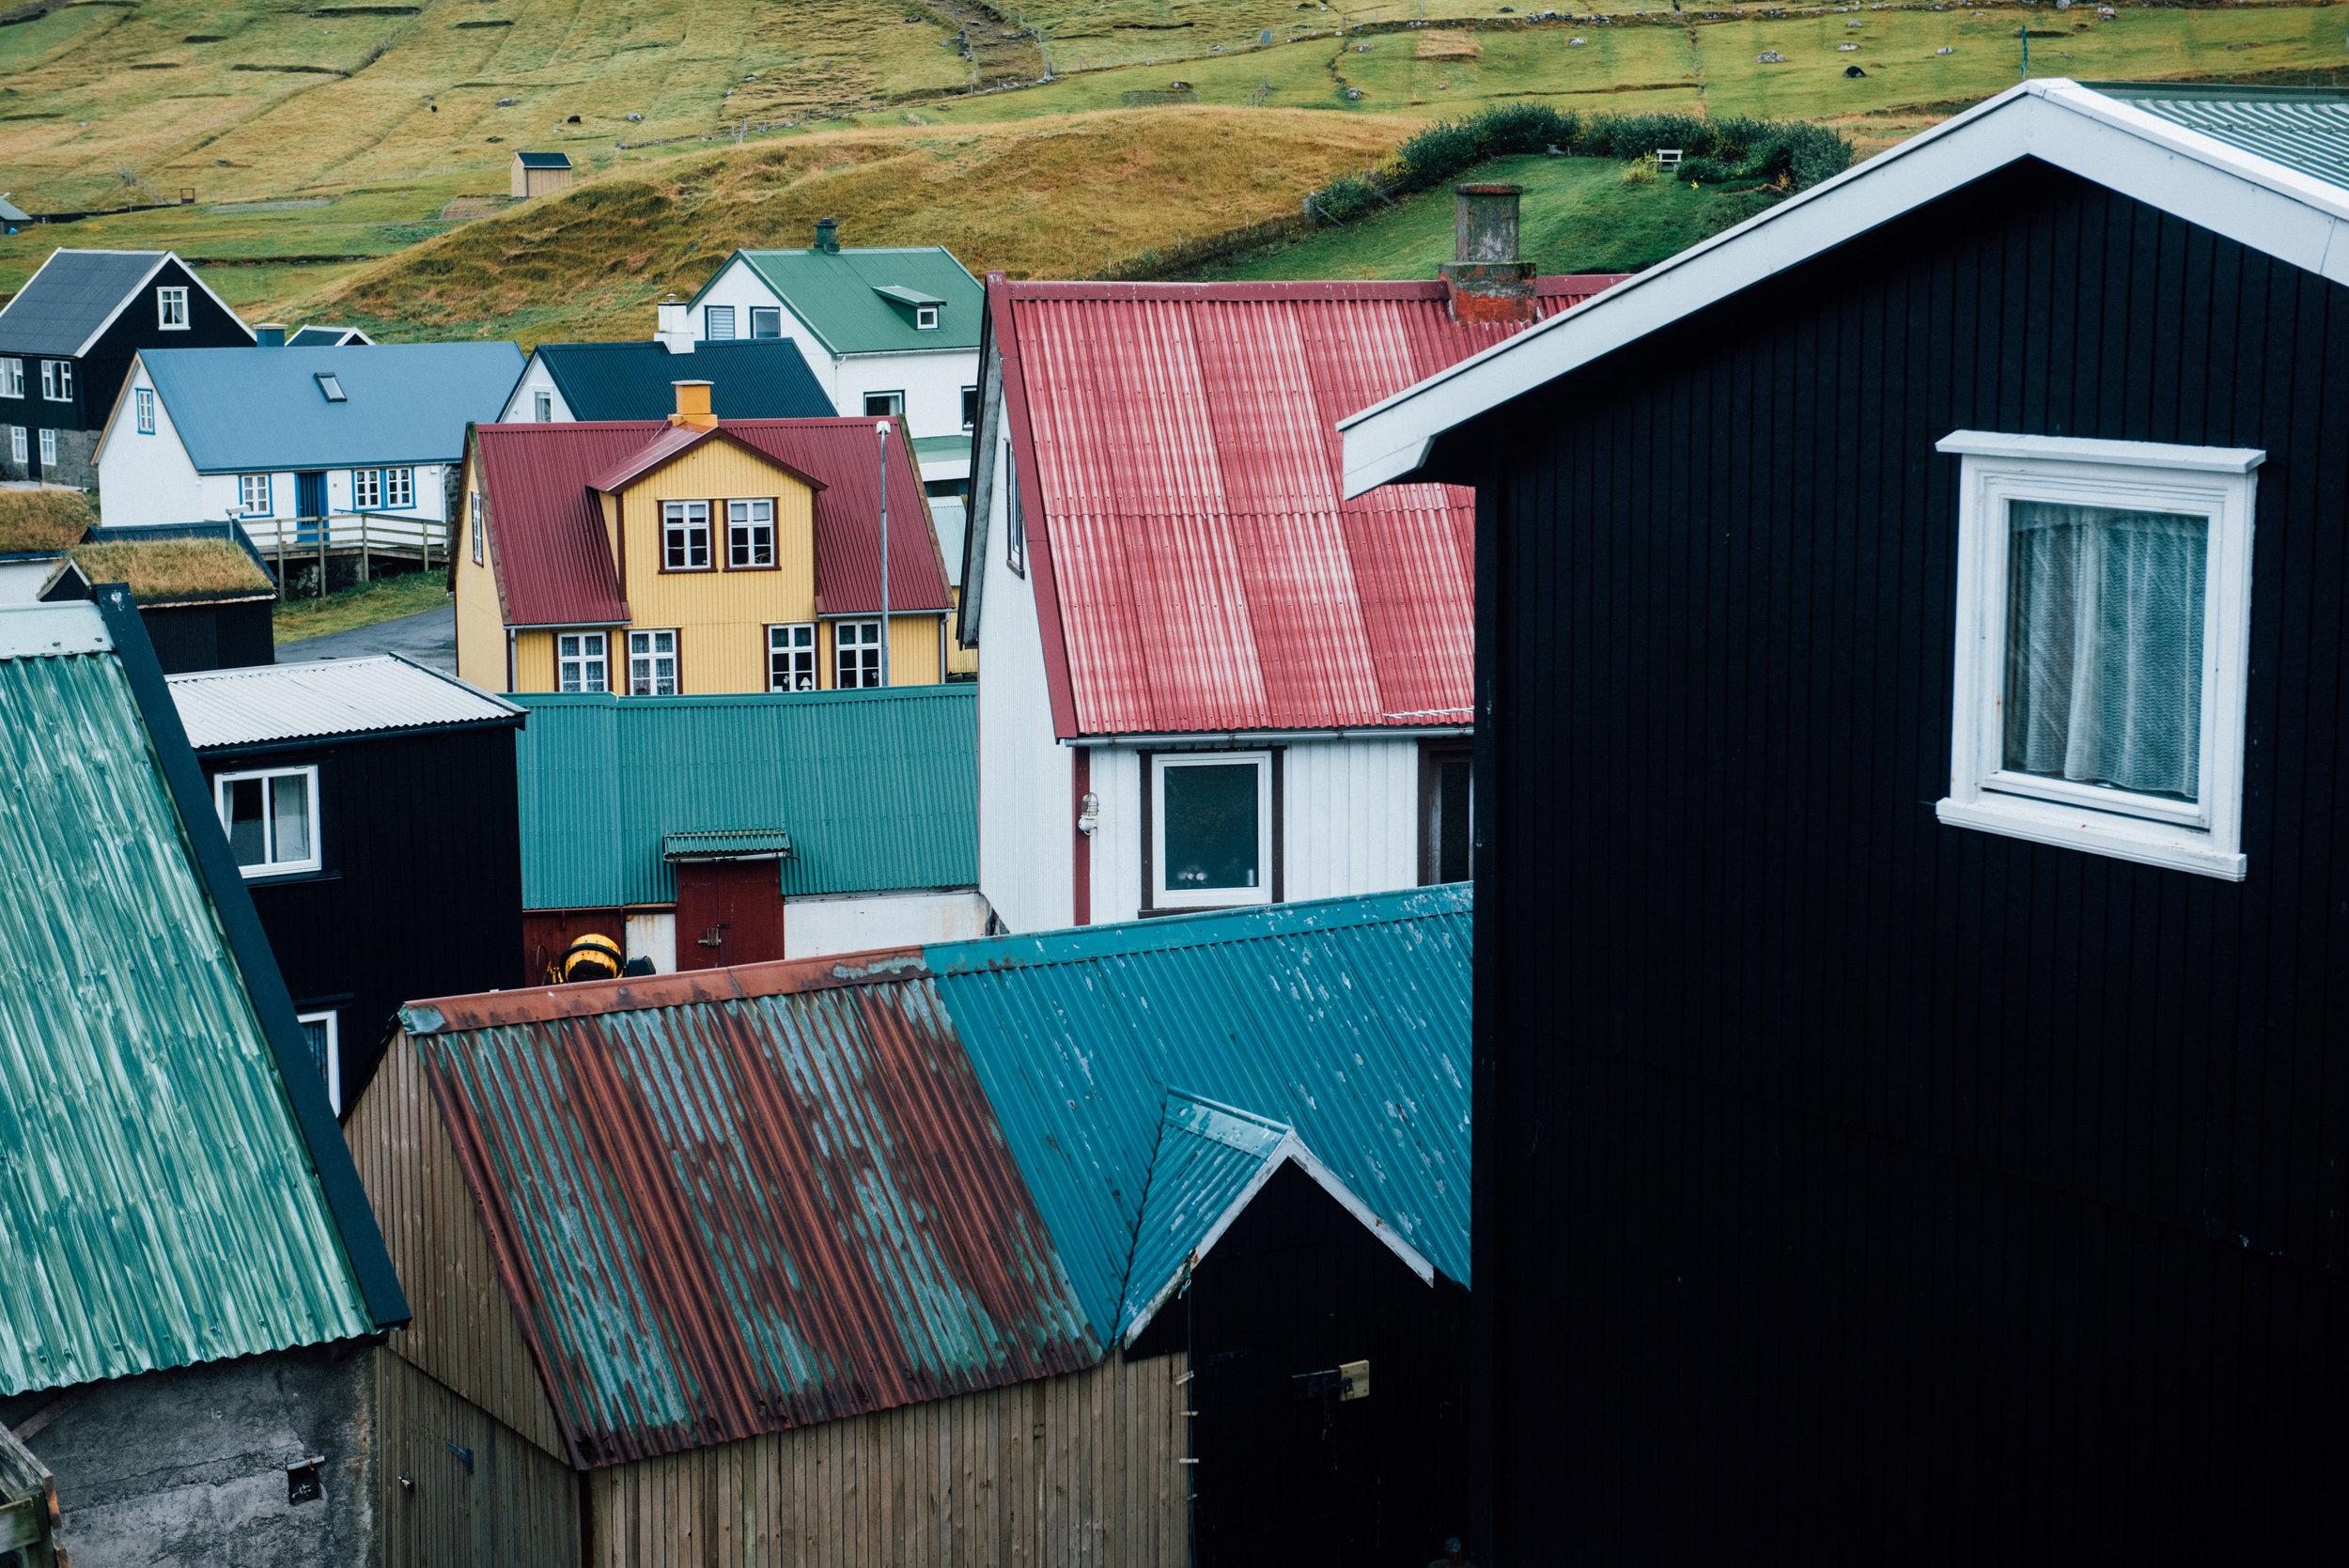 KT_20171025_ThuleTrails_FaroeIslands_800_6323.jpg